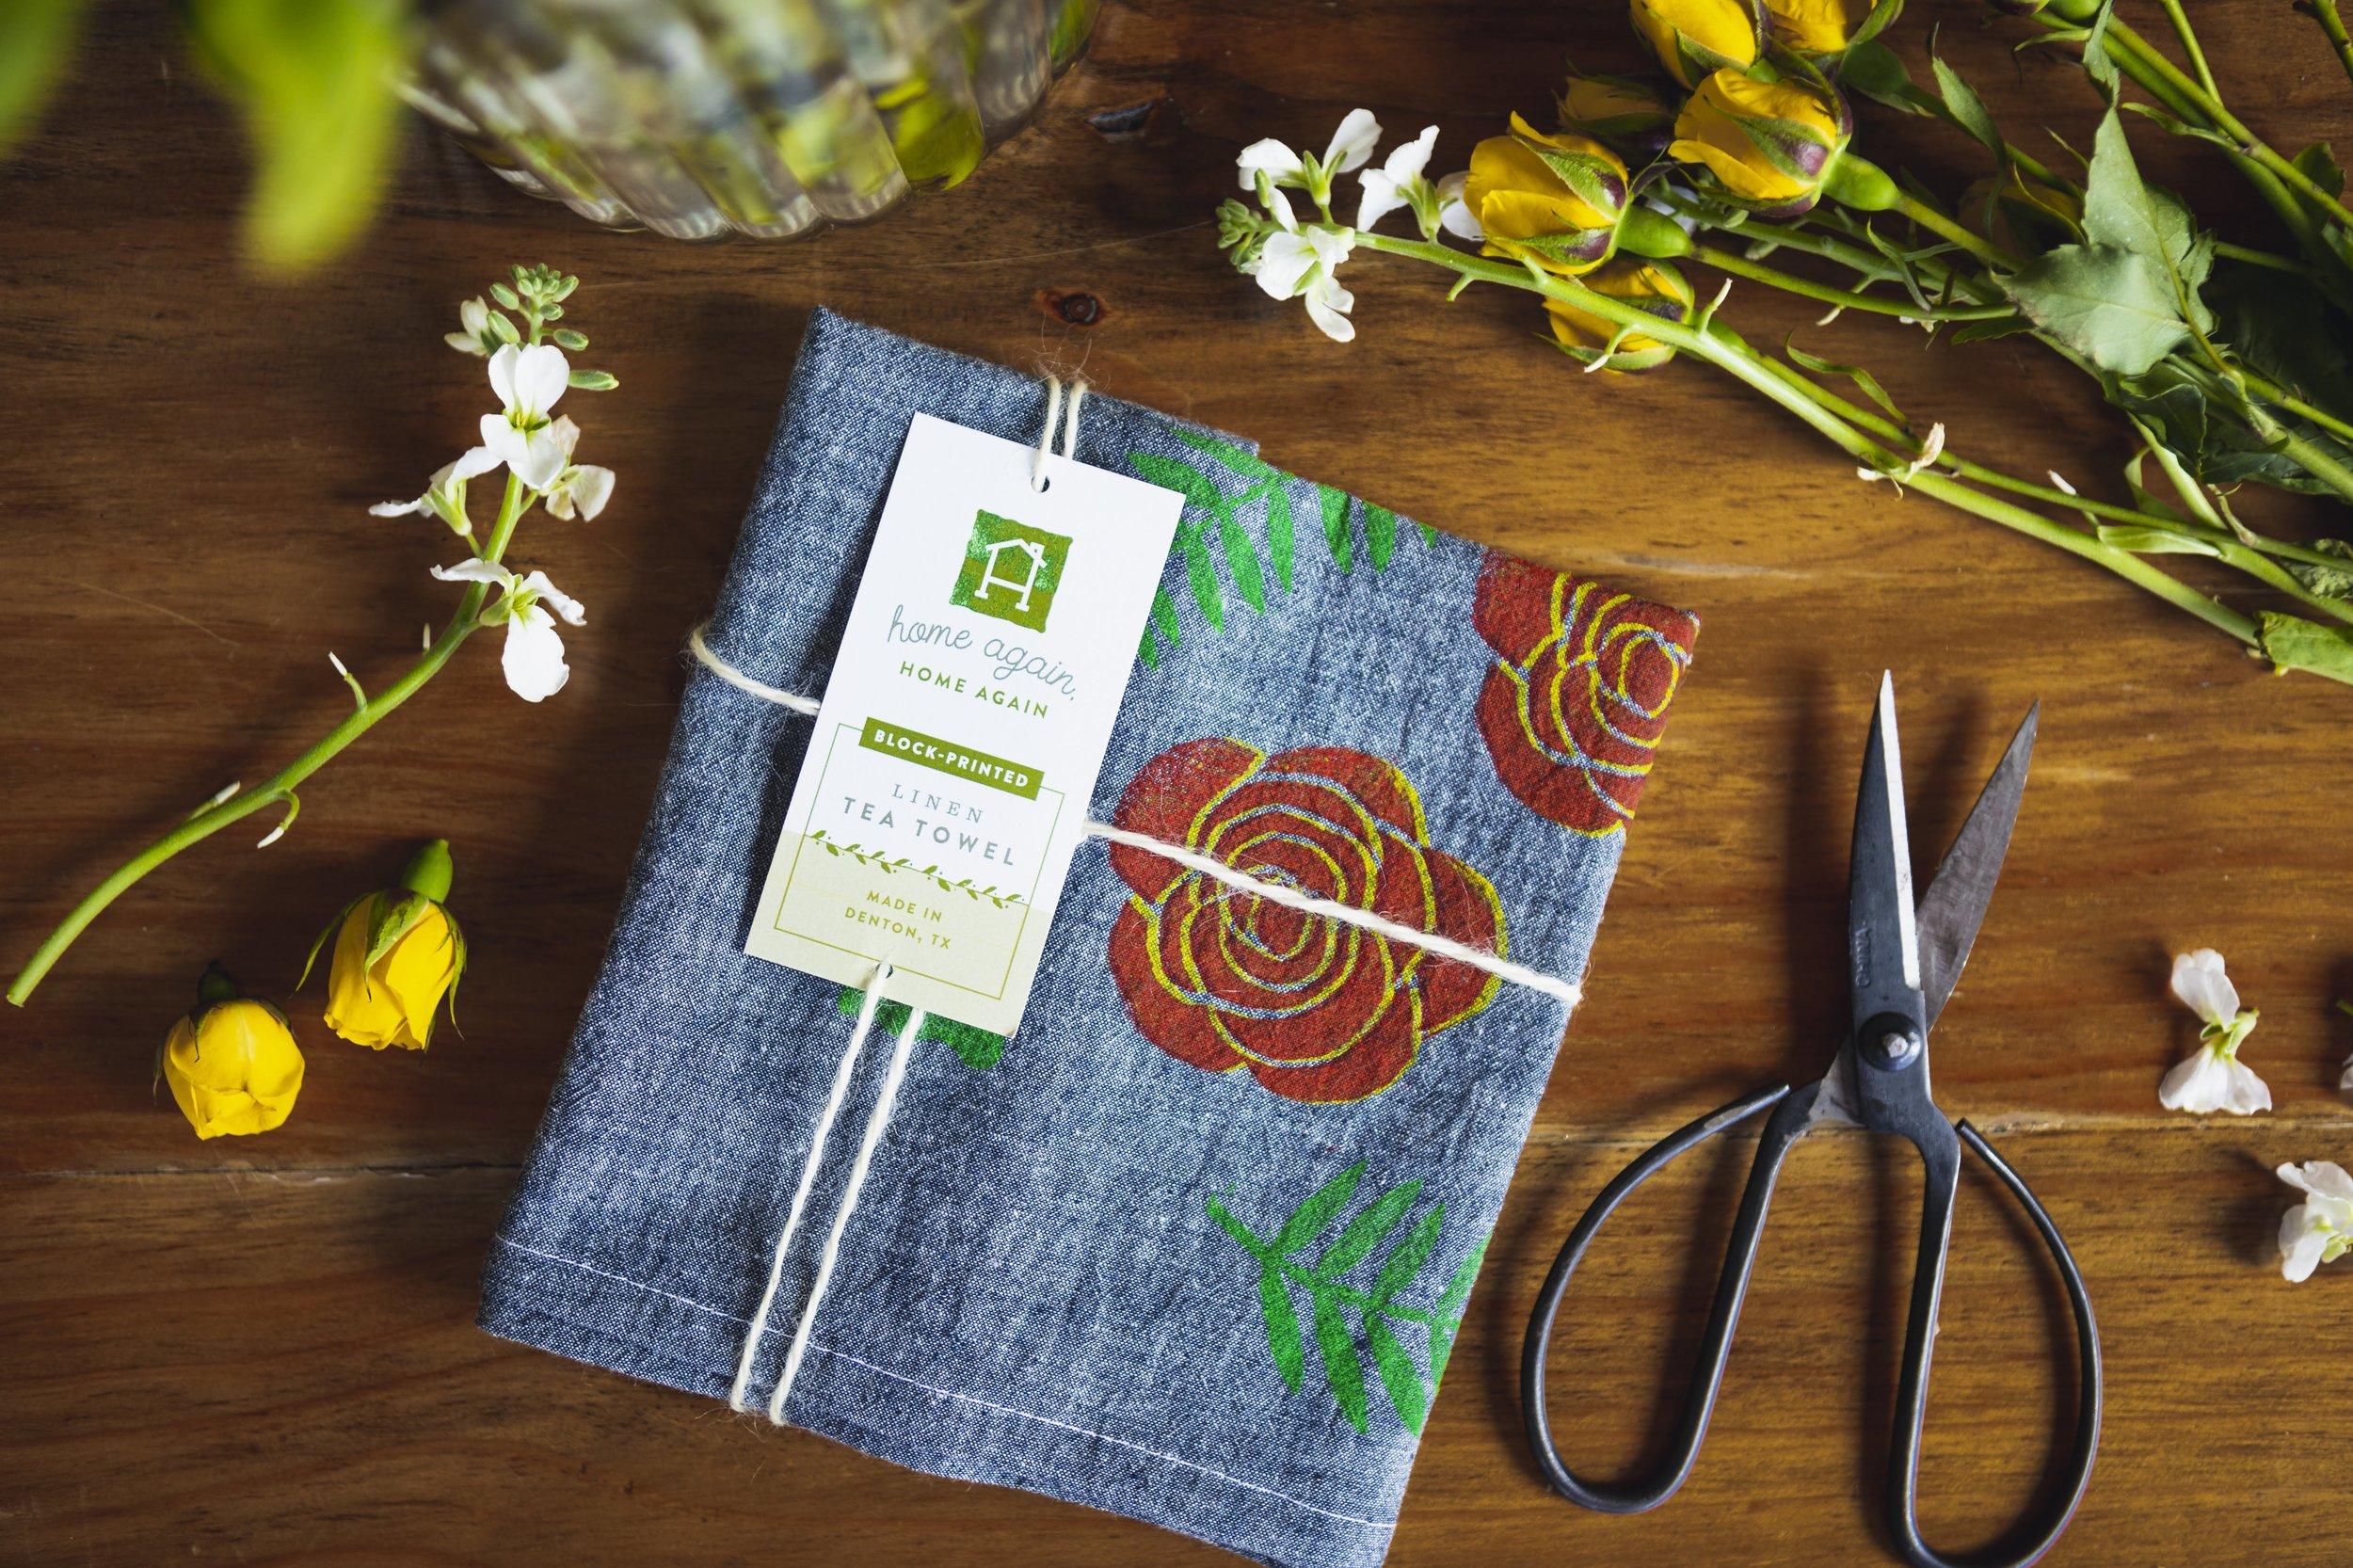 Tea Towel Packaged FLOWERS.jpg